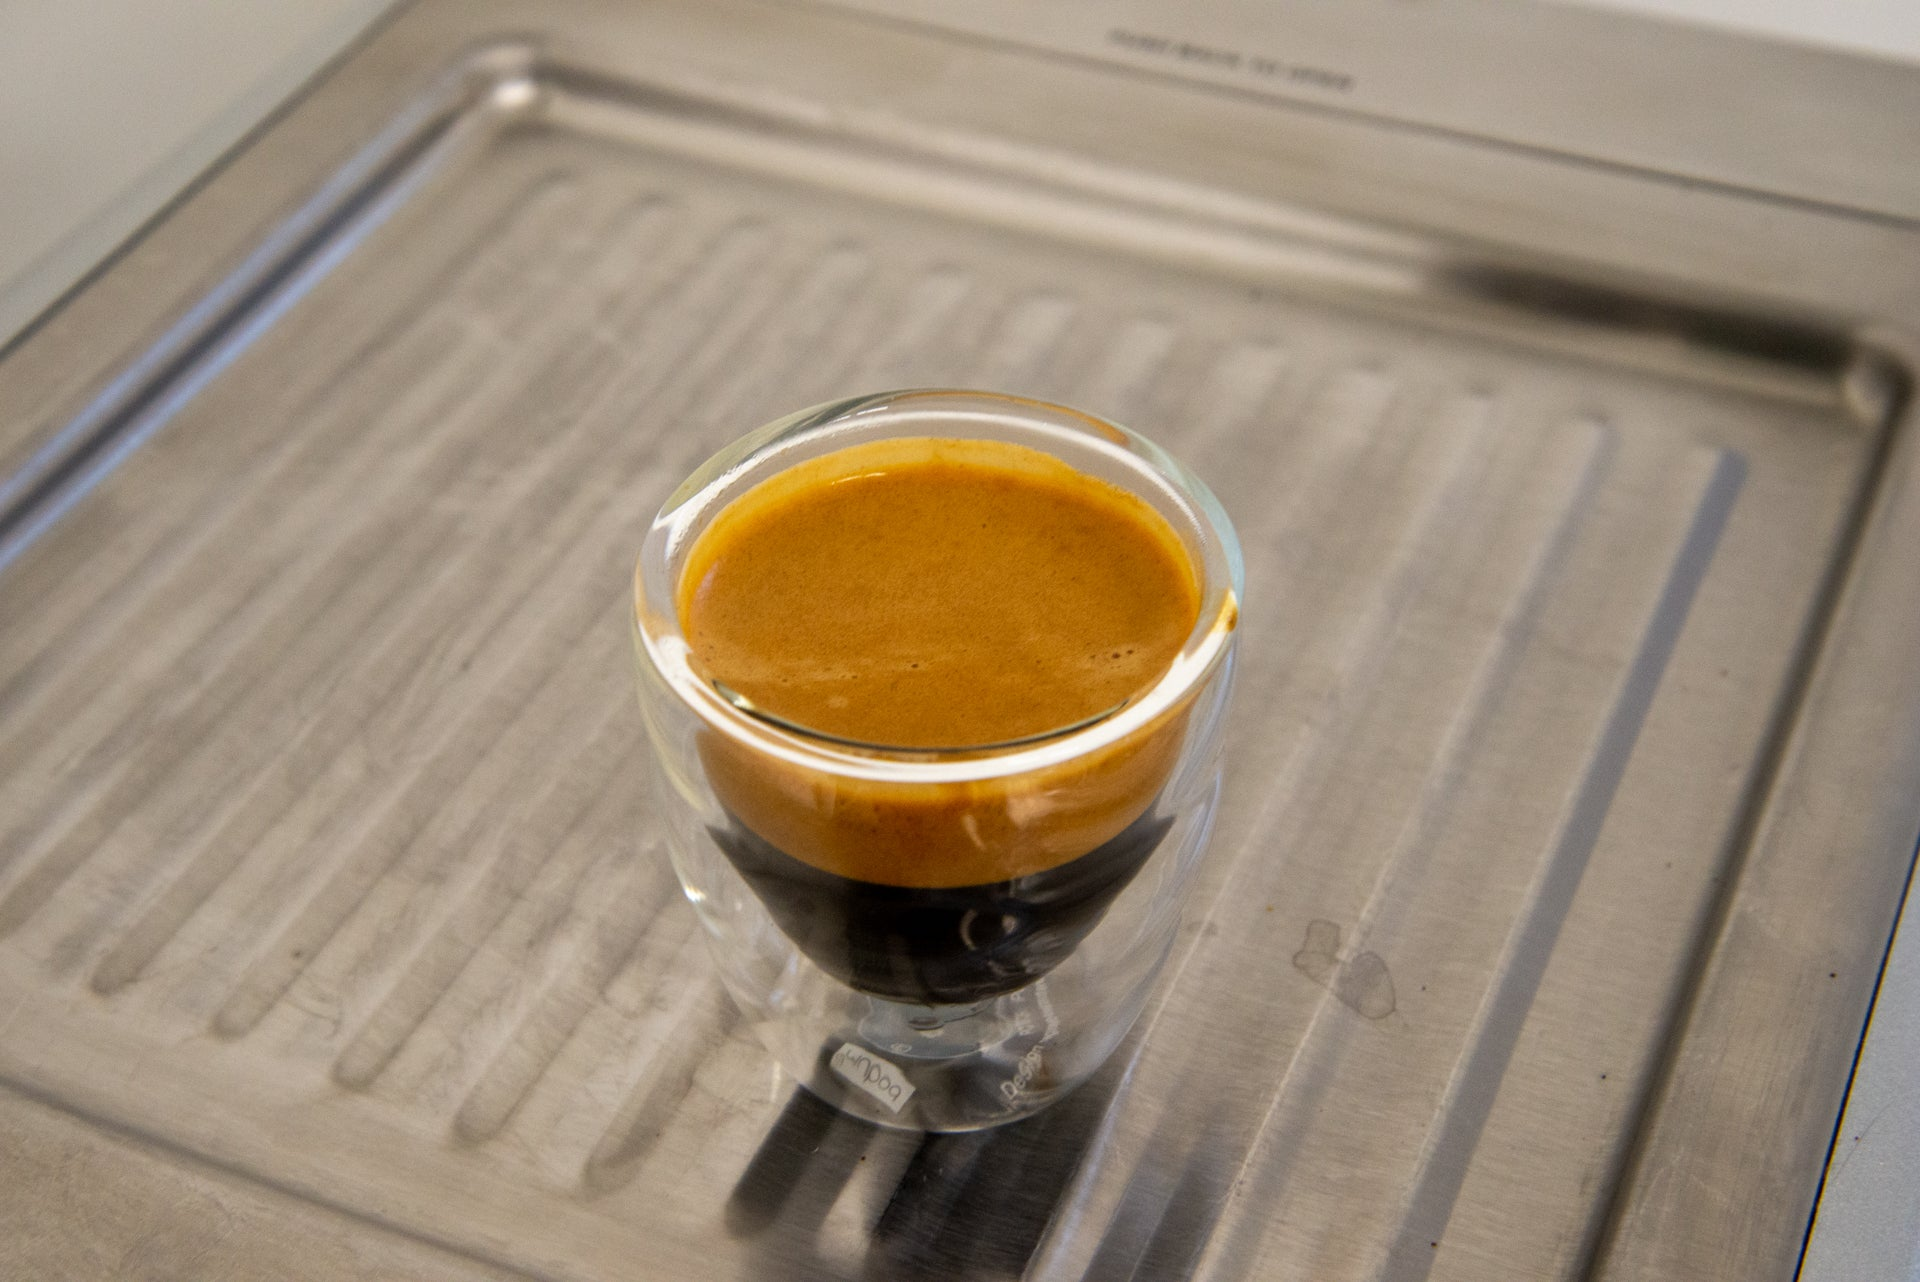 WPM KD-270S espresso